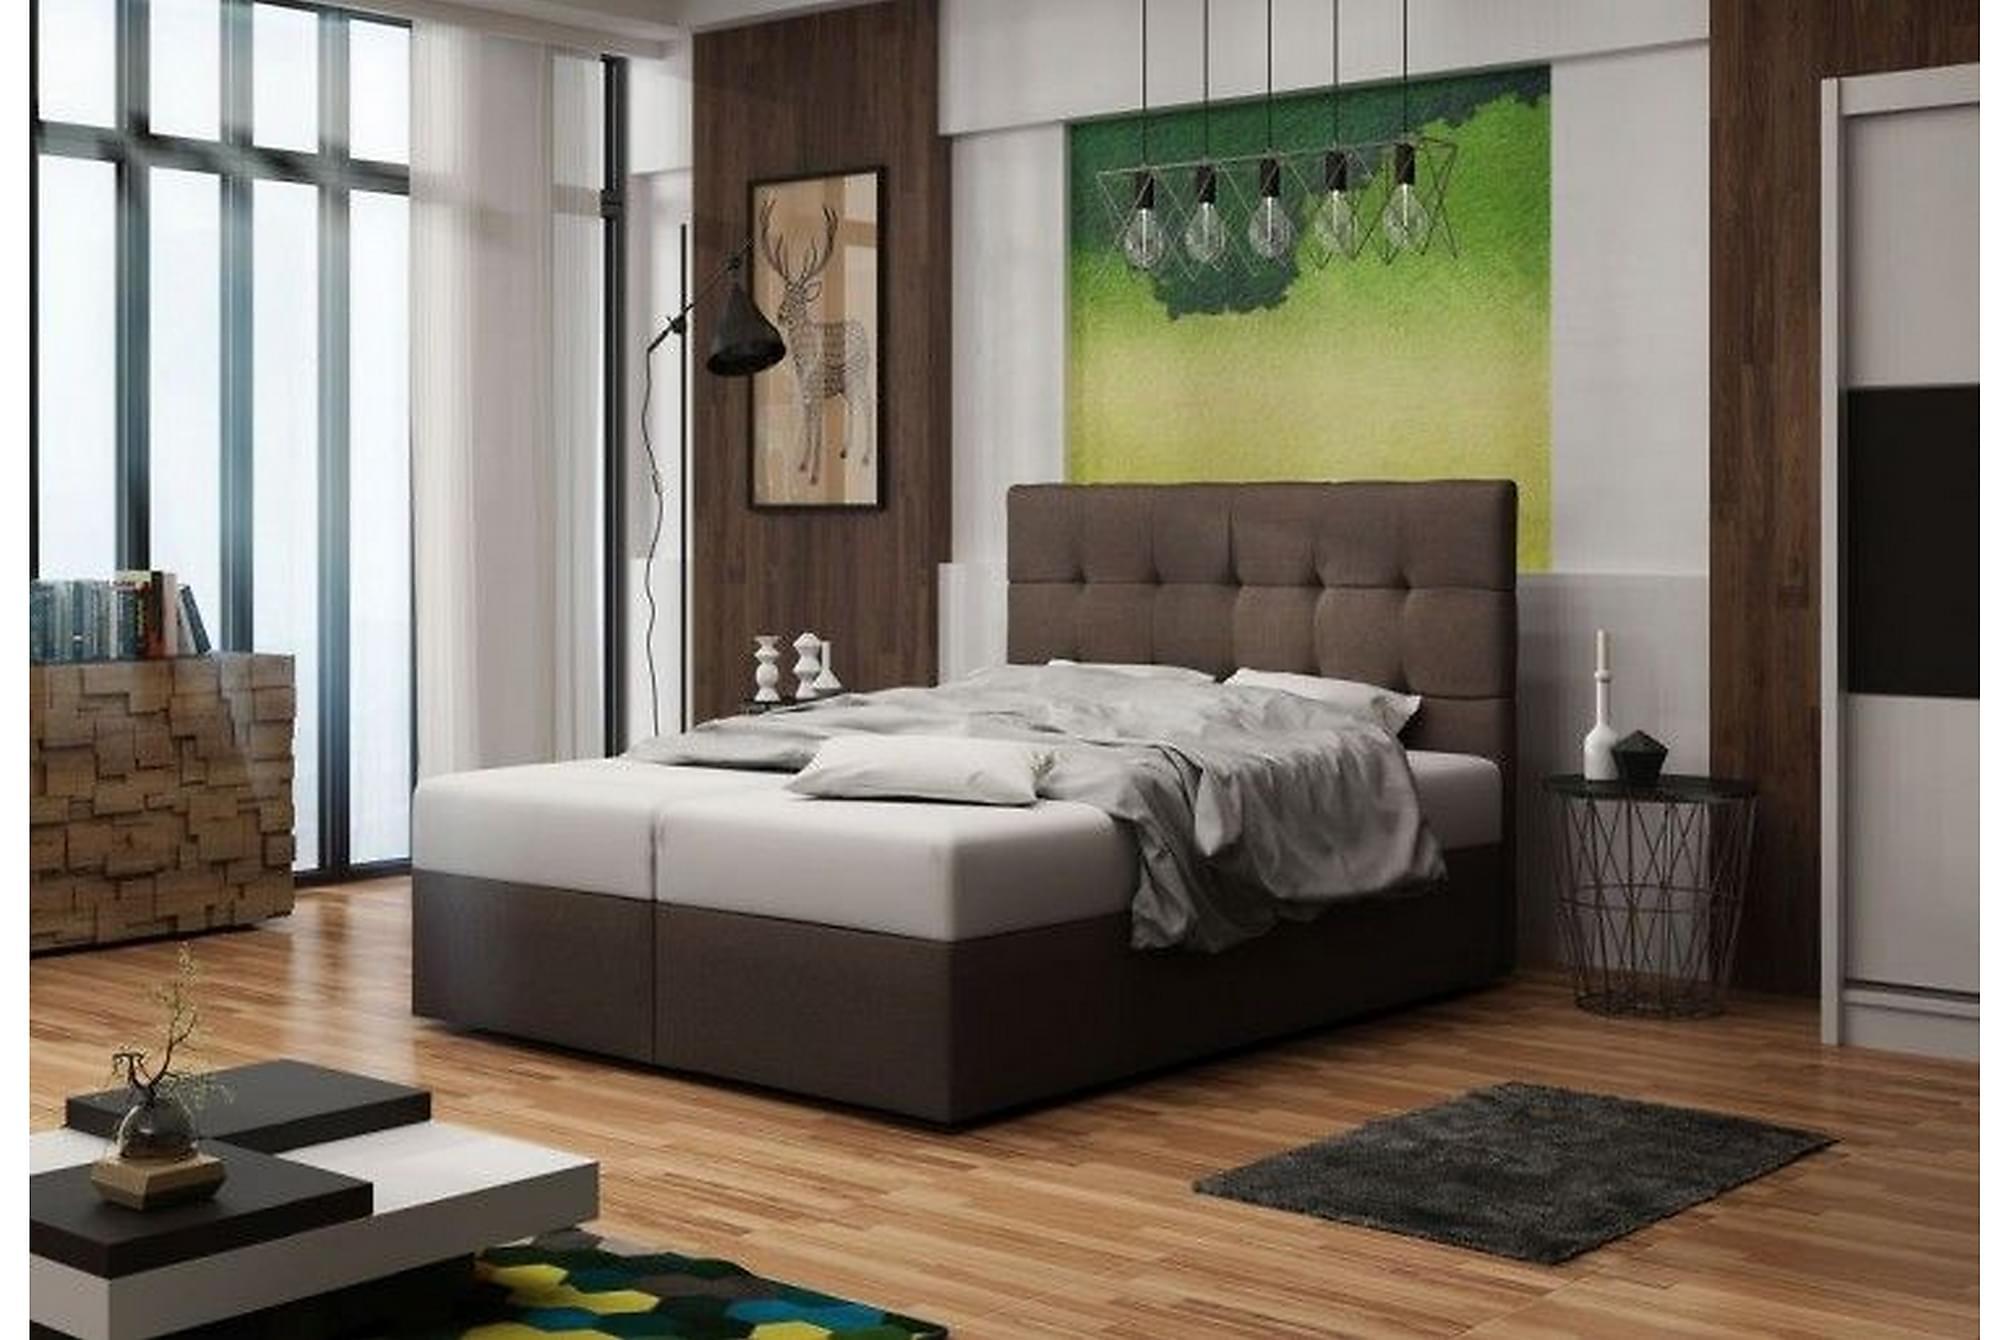 BEVERLEY Sängpaket 160 Brun, Komplett Sängpaket